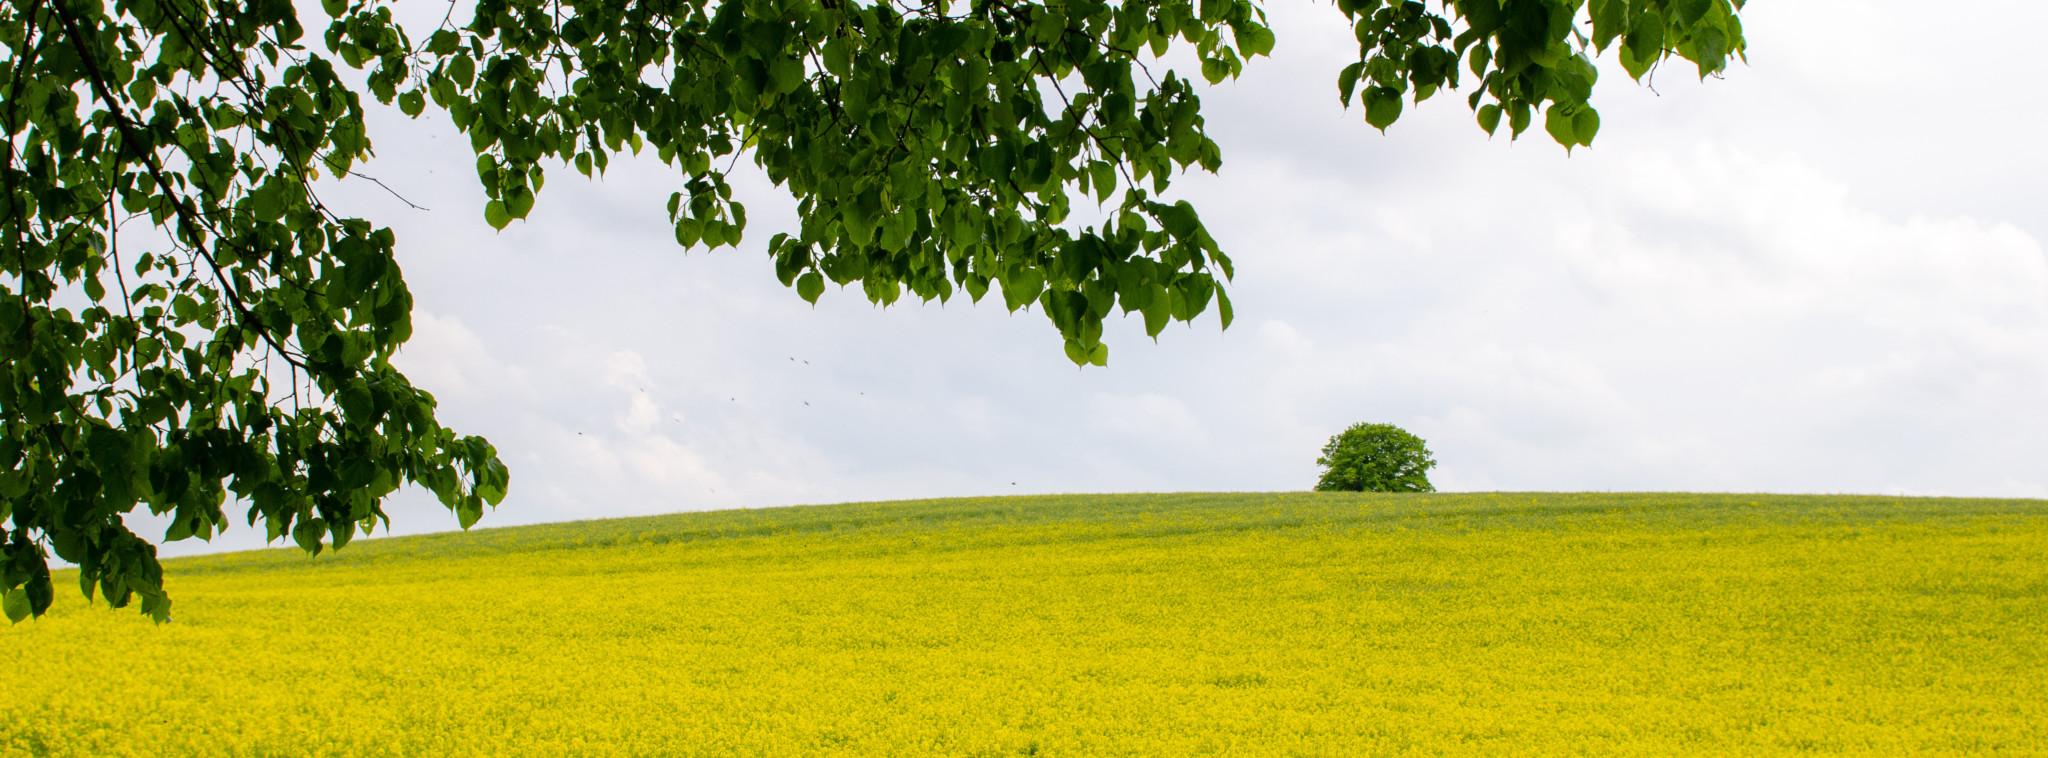 Brandenburg ist berühmt für die vielen Rapsfelder